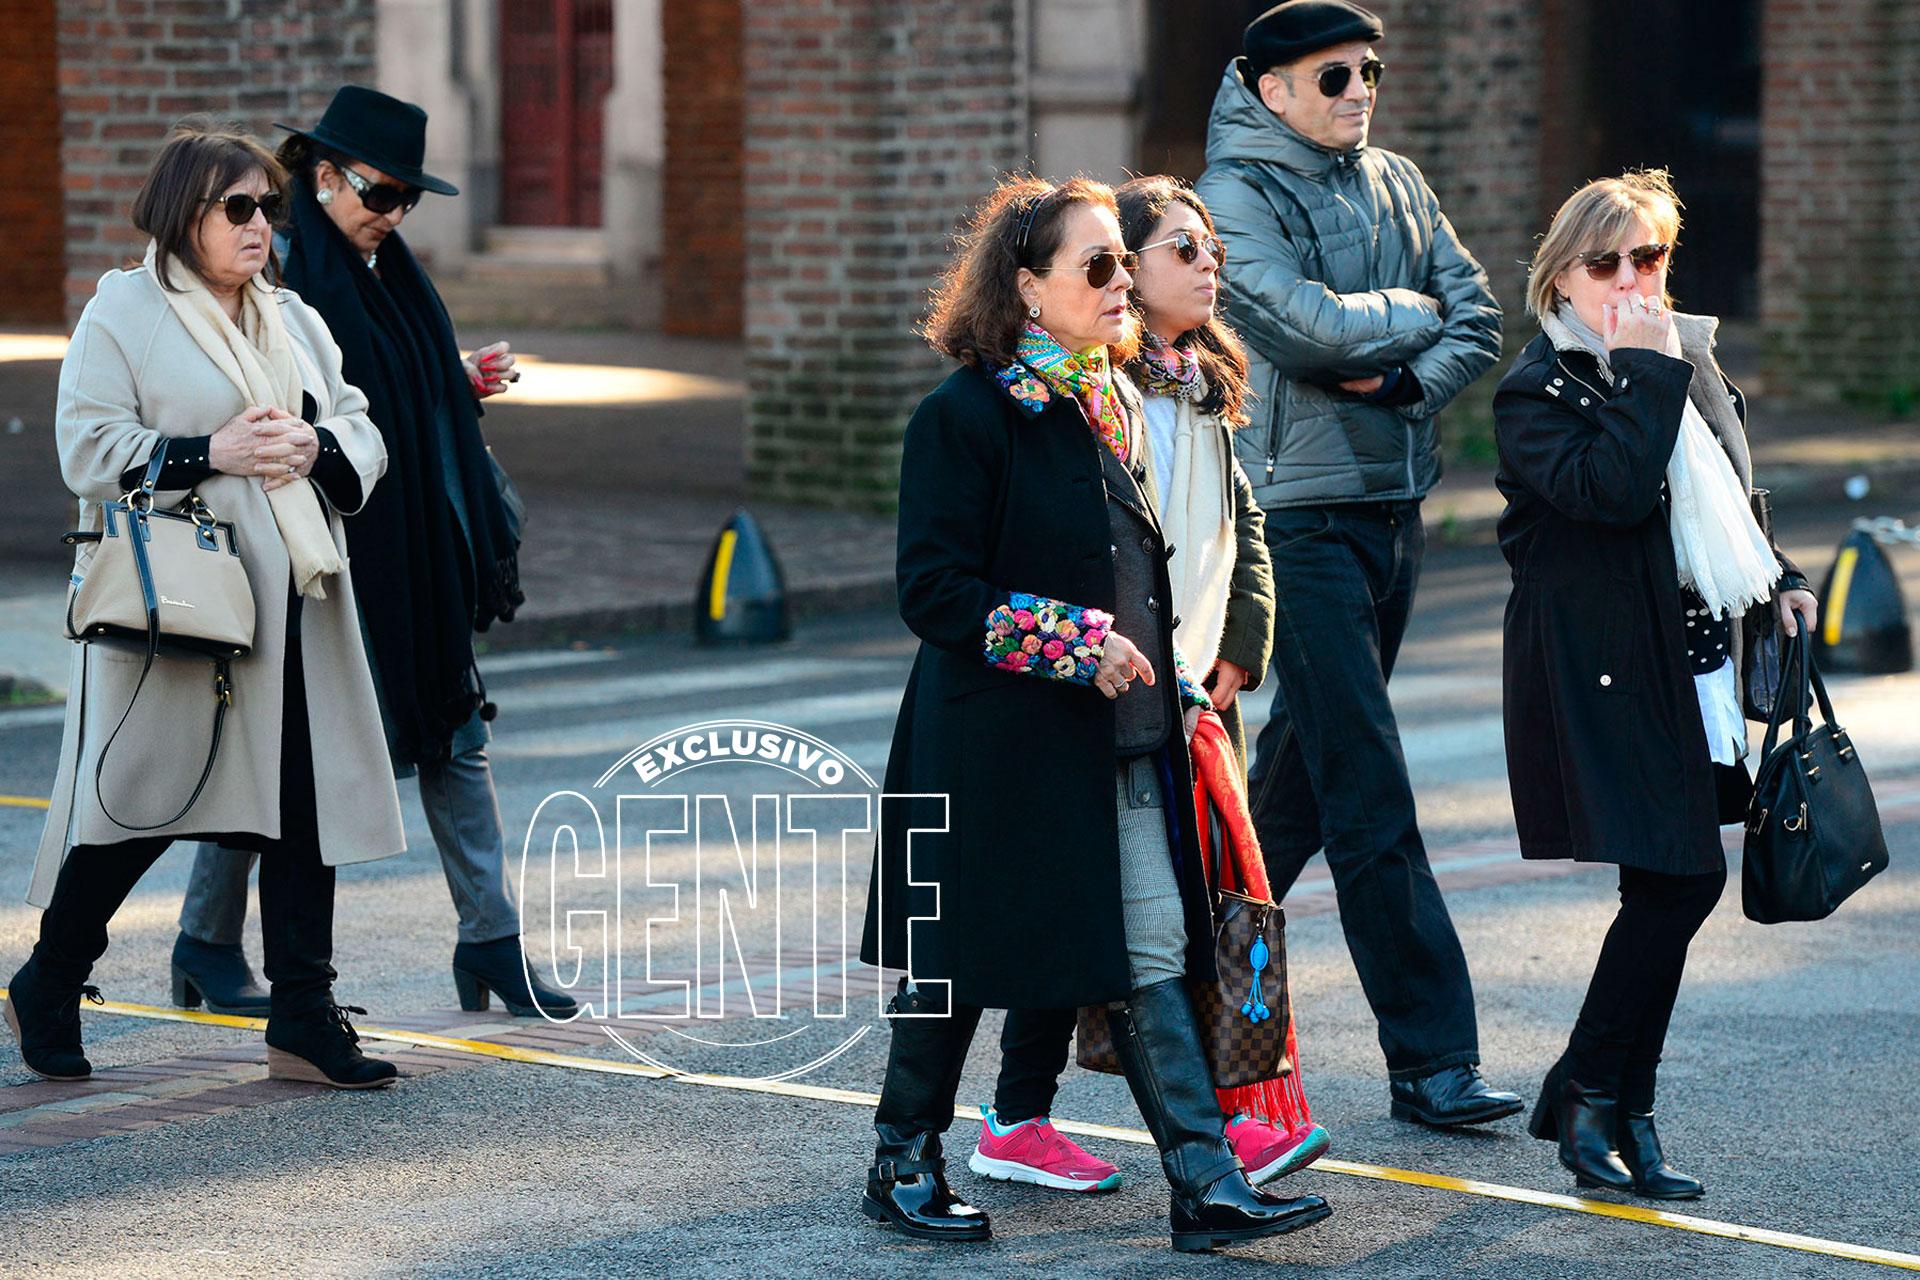 El modisto dio sus primeros pasos en el mundo de la moda hace cuatro décadas en la ciudad de Mar del Plata, y consiguió consagrarse como uno de los favoritos de las estrellas